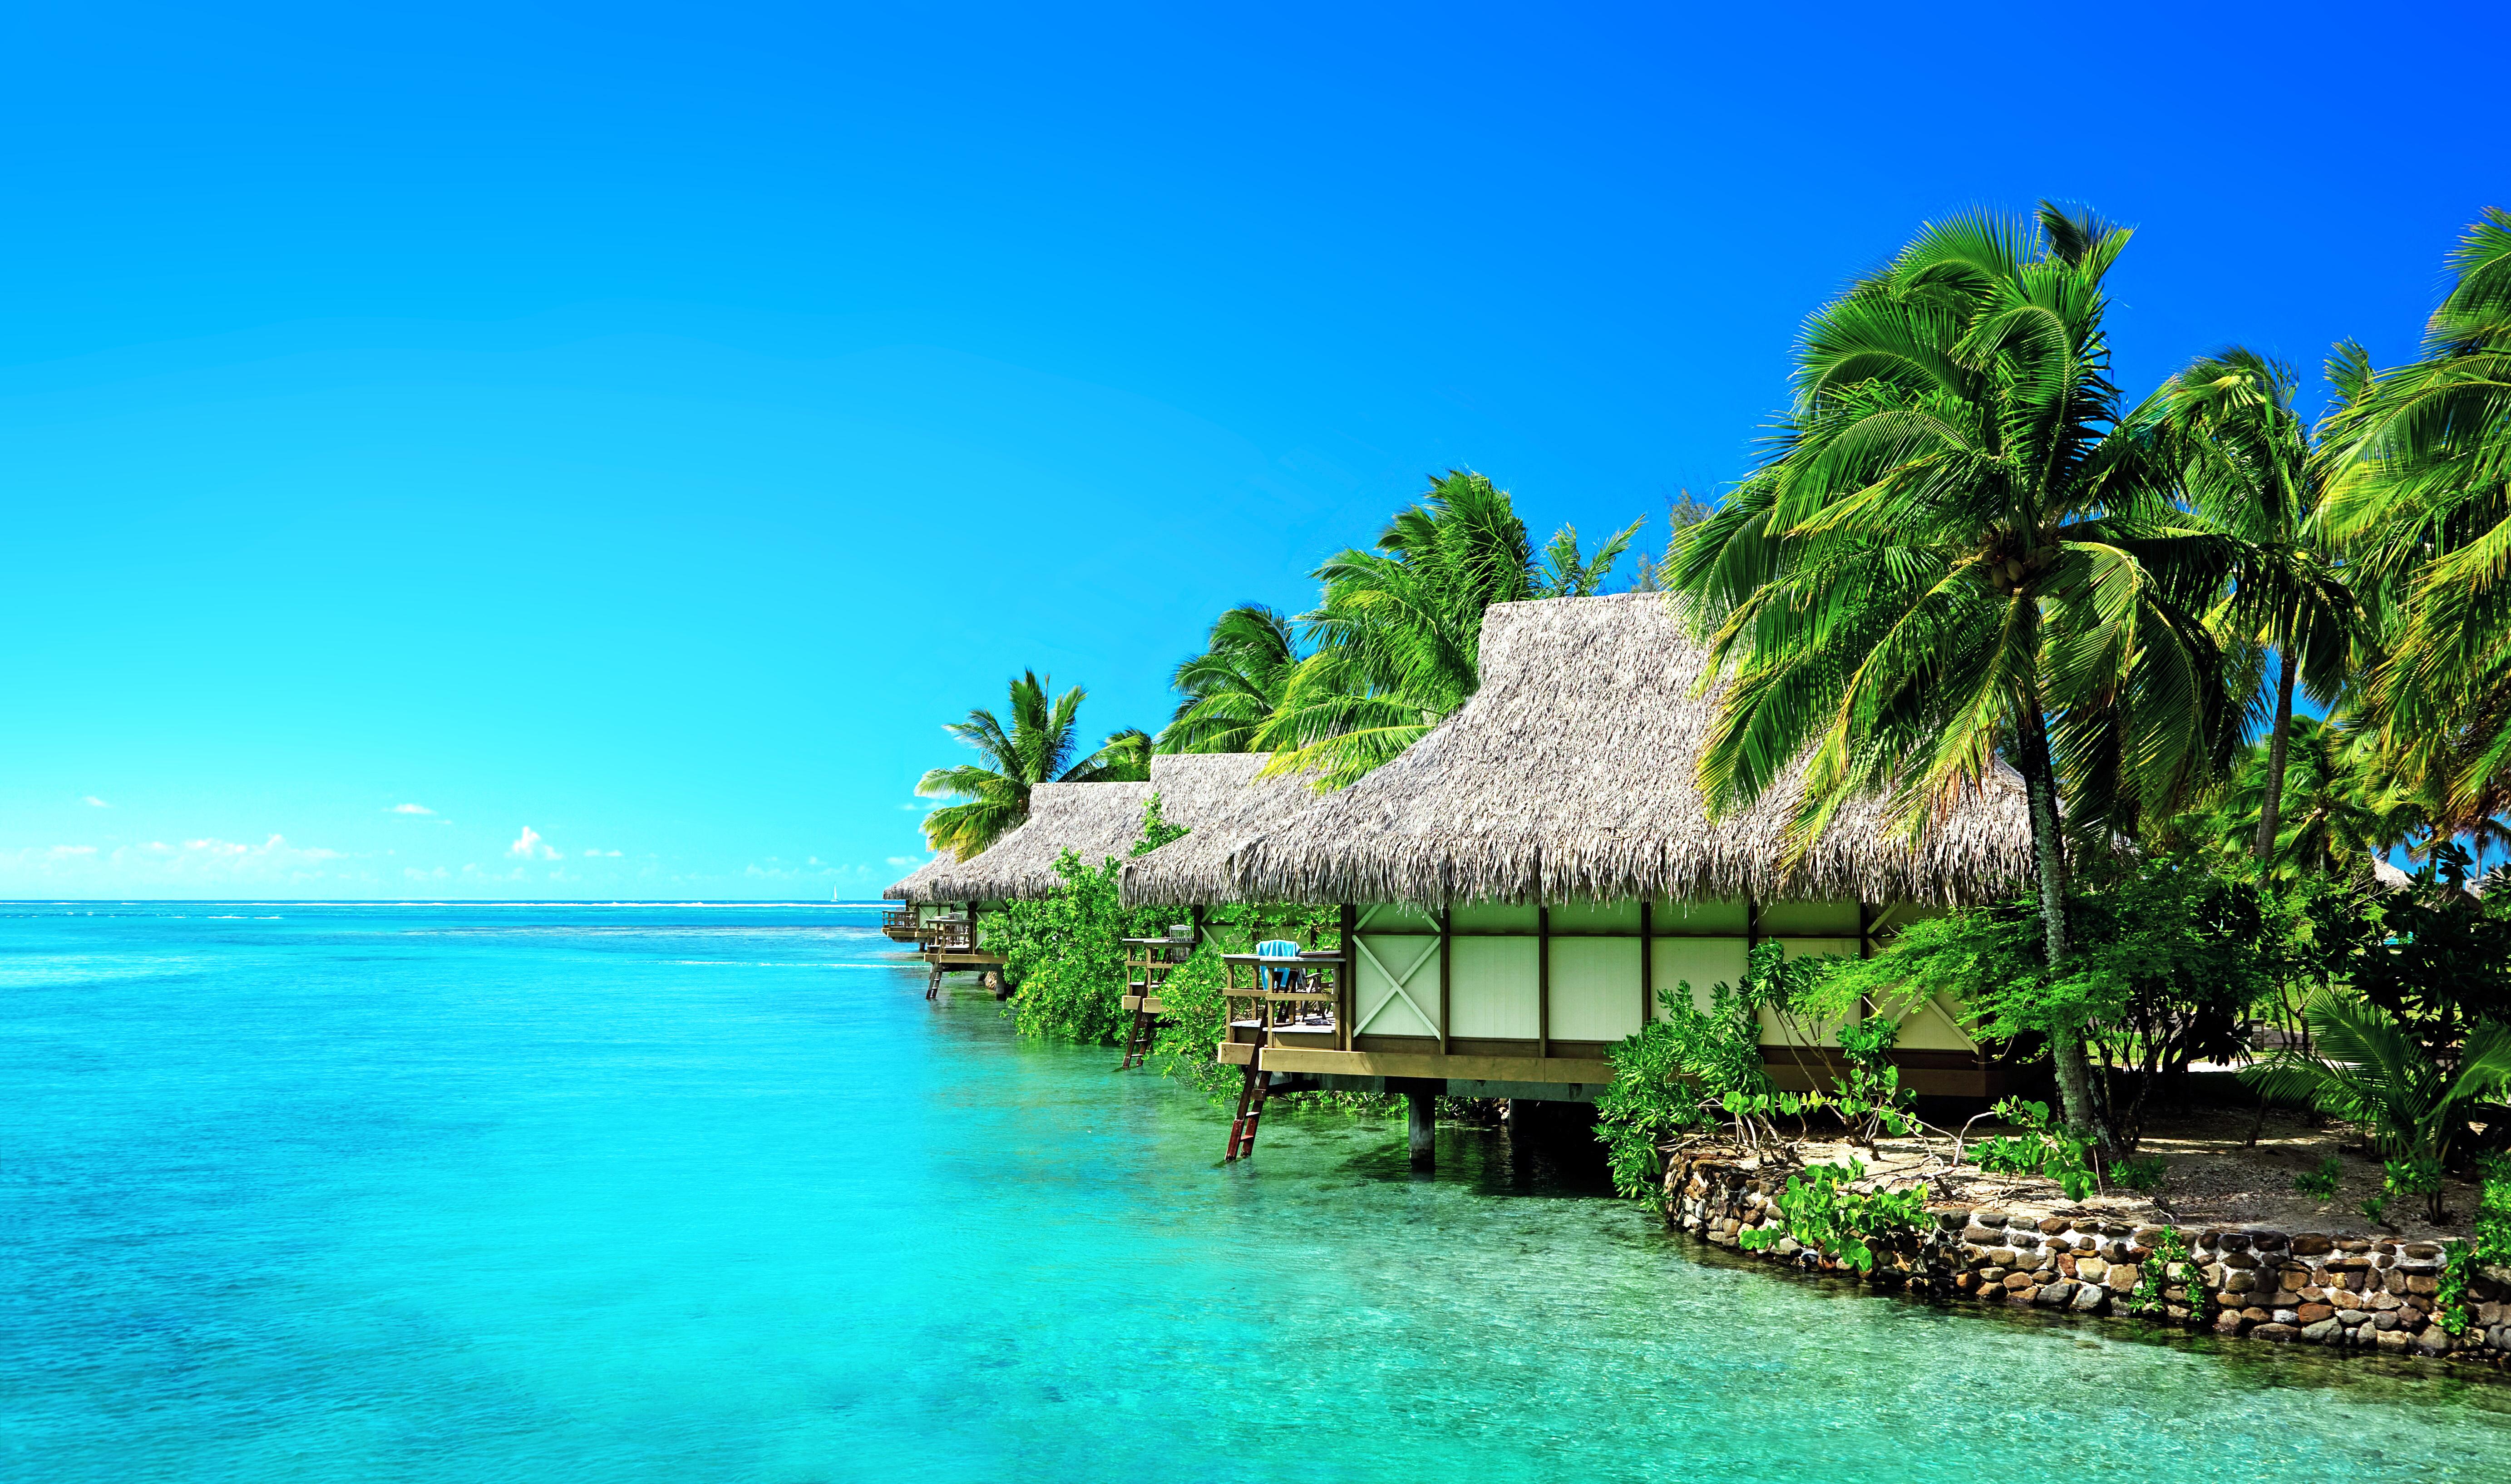 бунгало море пальмы бесплатно